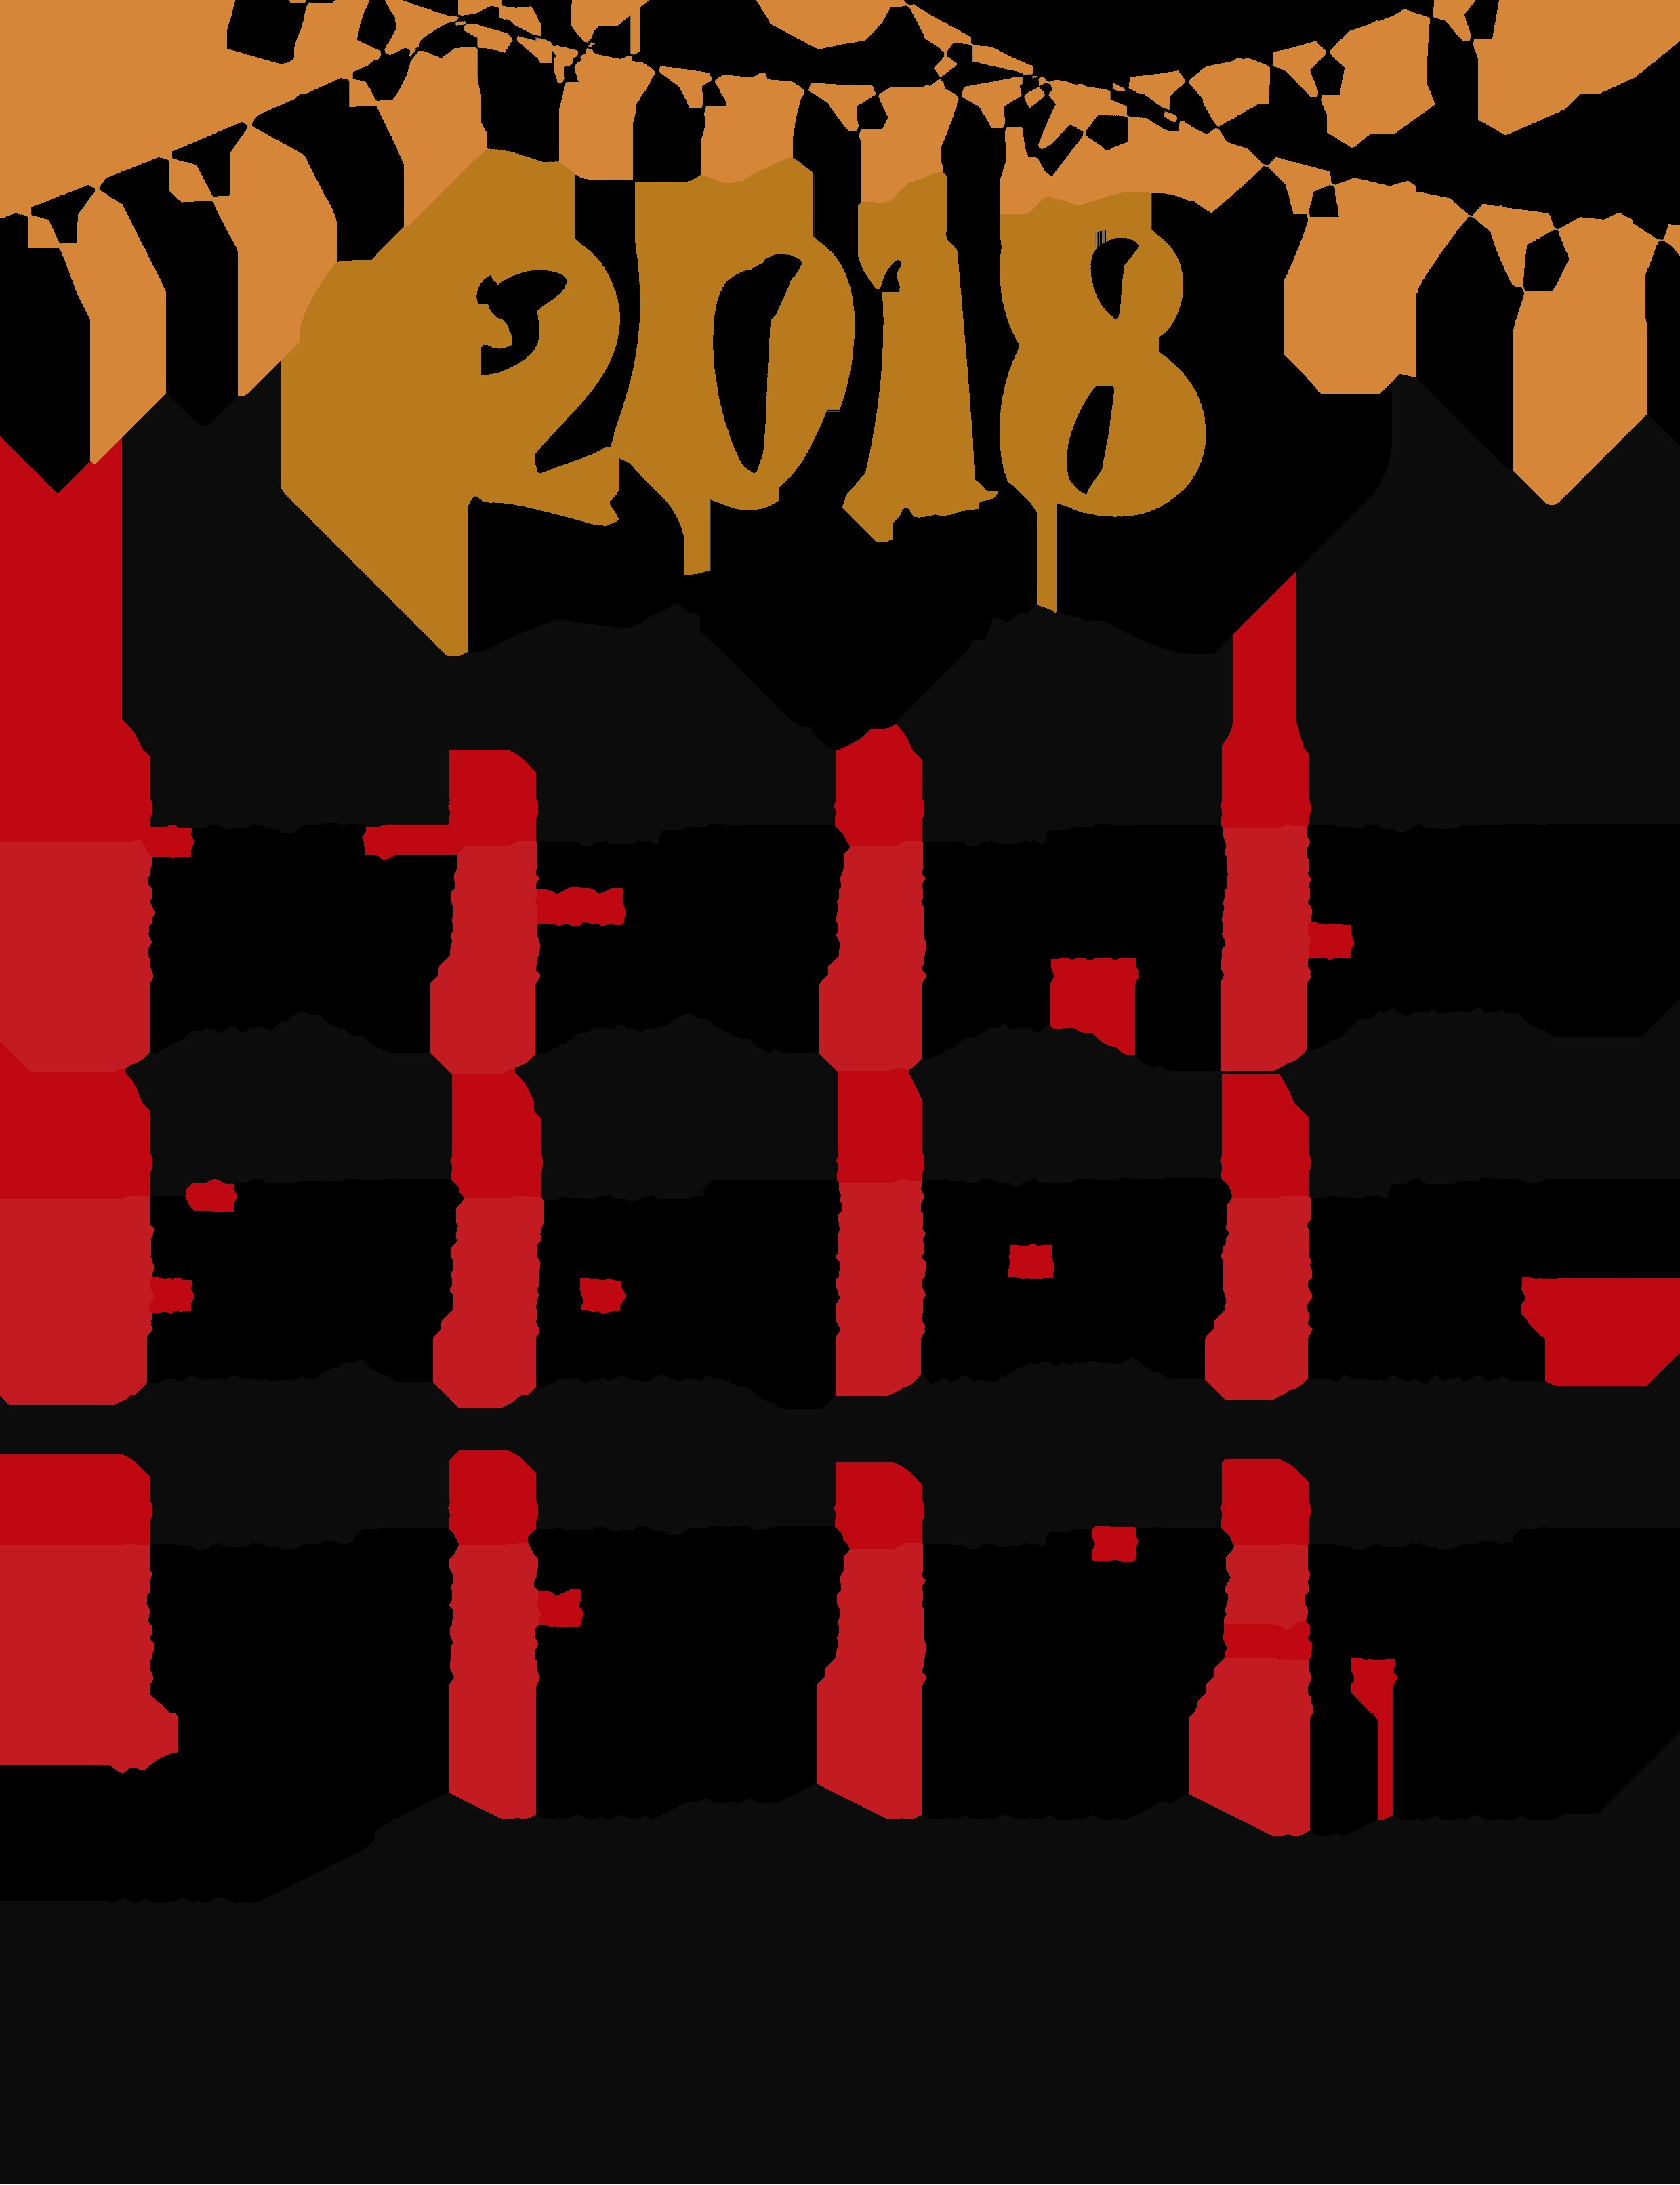 Calendario Febrero 2018 Con Santoral Actual Lief Te Regala Este Calendario 2018 Para Imprimir Y Decorar Tu Hogar Of Calendario Febrero 2018 Con Santoral Más Populares C 22 – Publifinisterra Articulos Promocionales